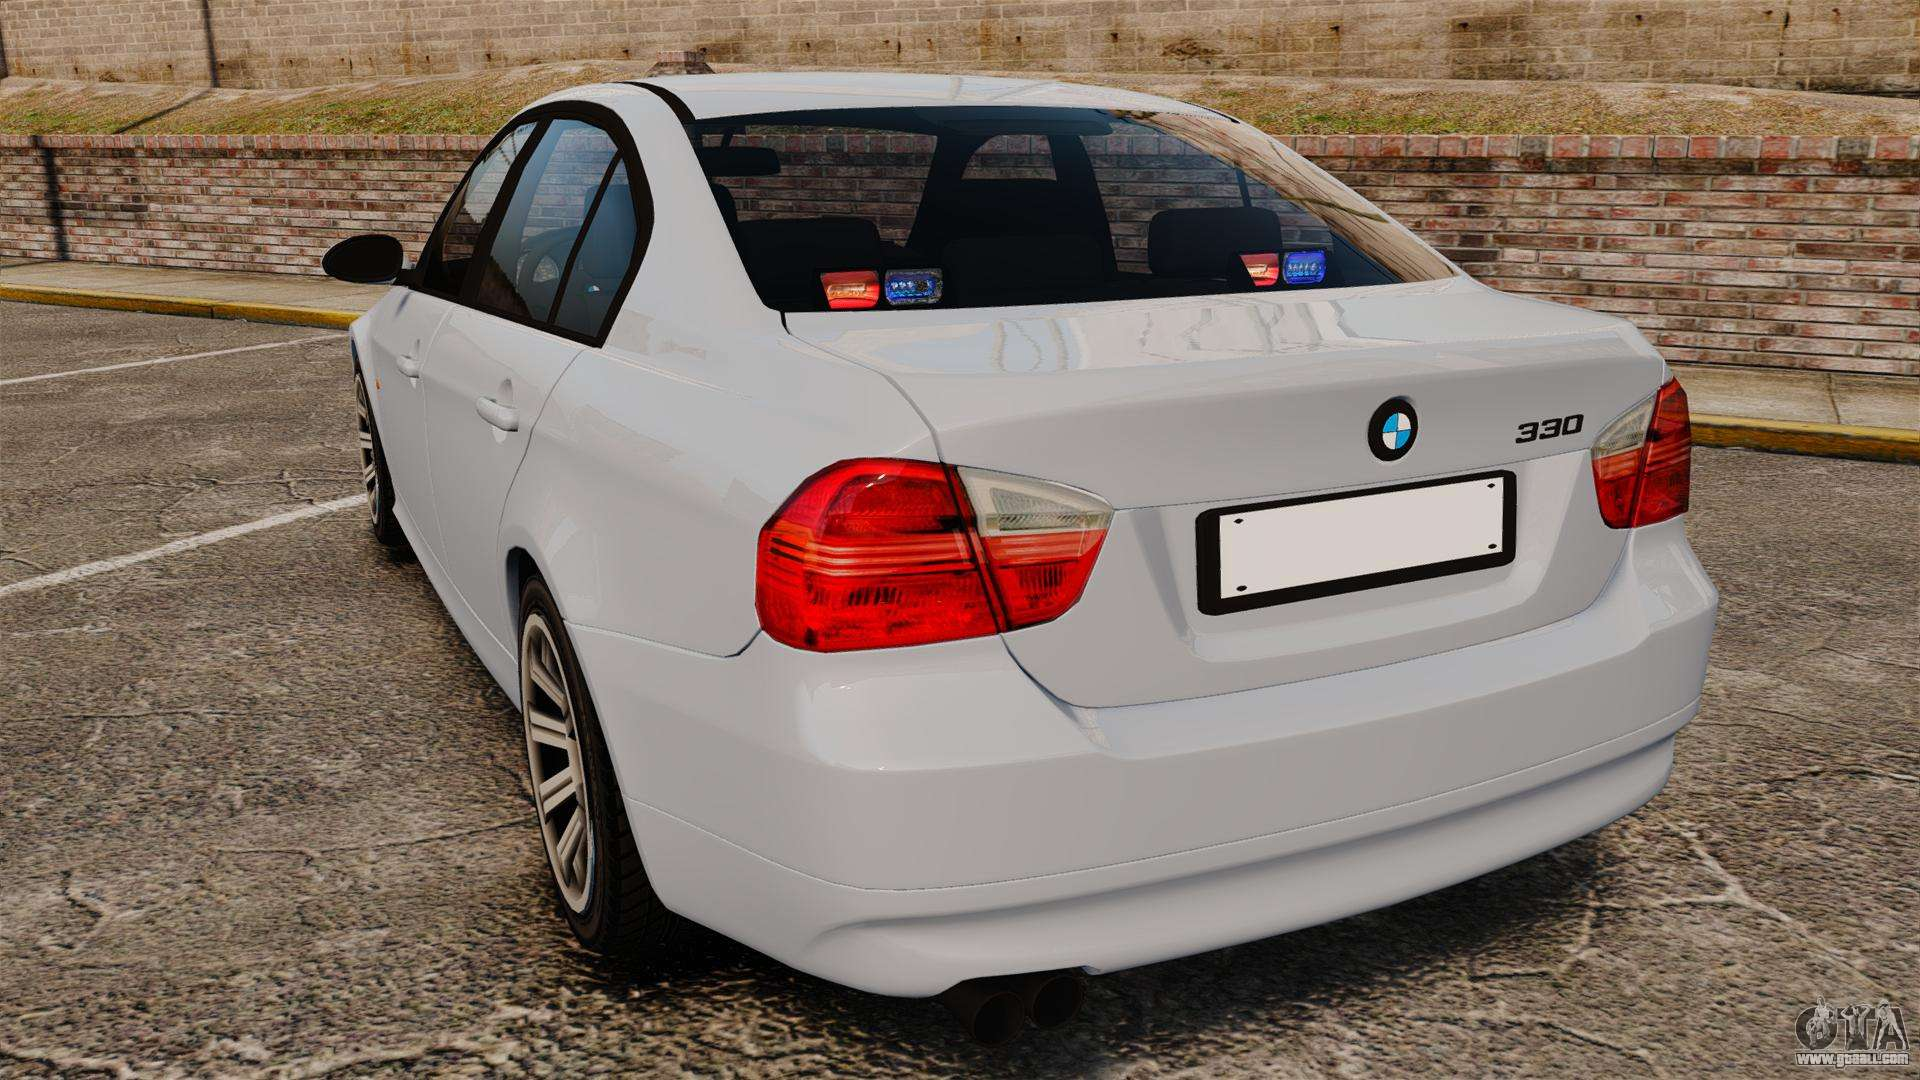 BMW I Unmarked Police ELS For GTA - 2014 bmw 330i